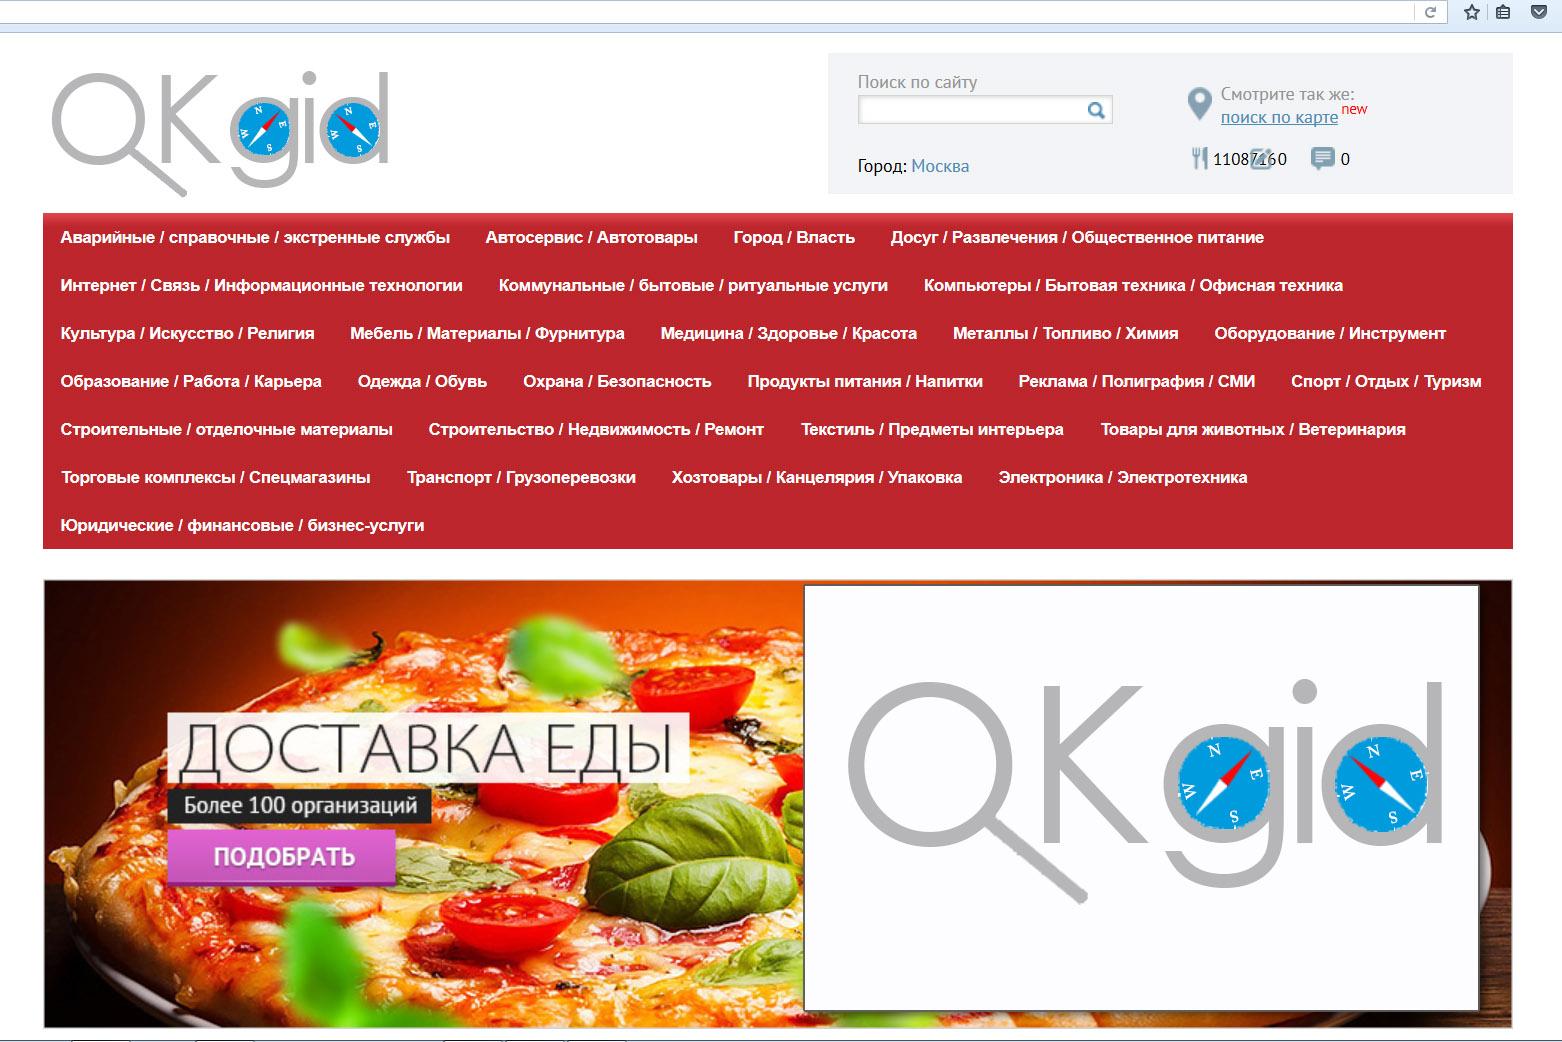 Логотип для сайта OKgid.ru фото f_42457d27ae248f5b.jpg